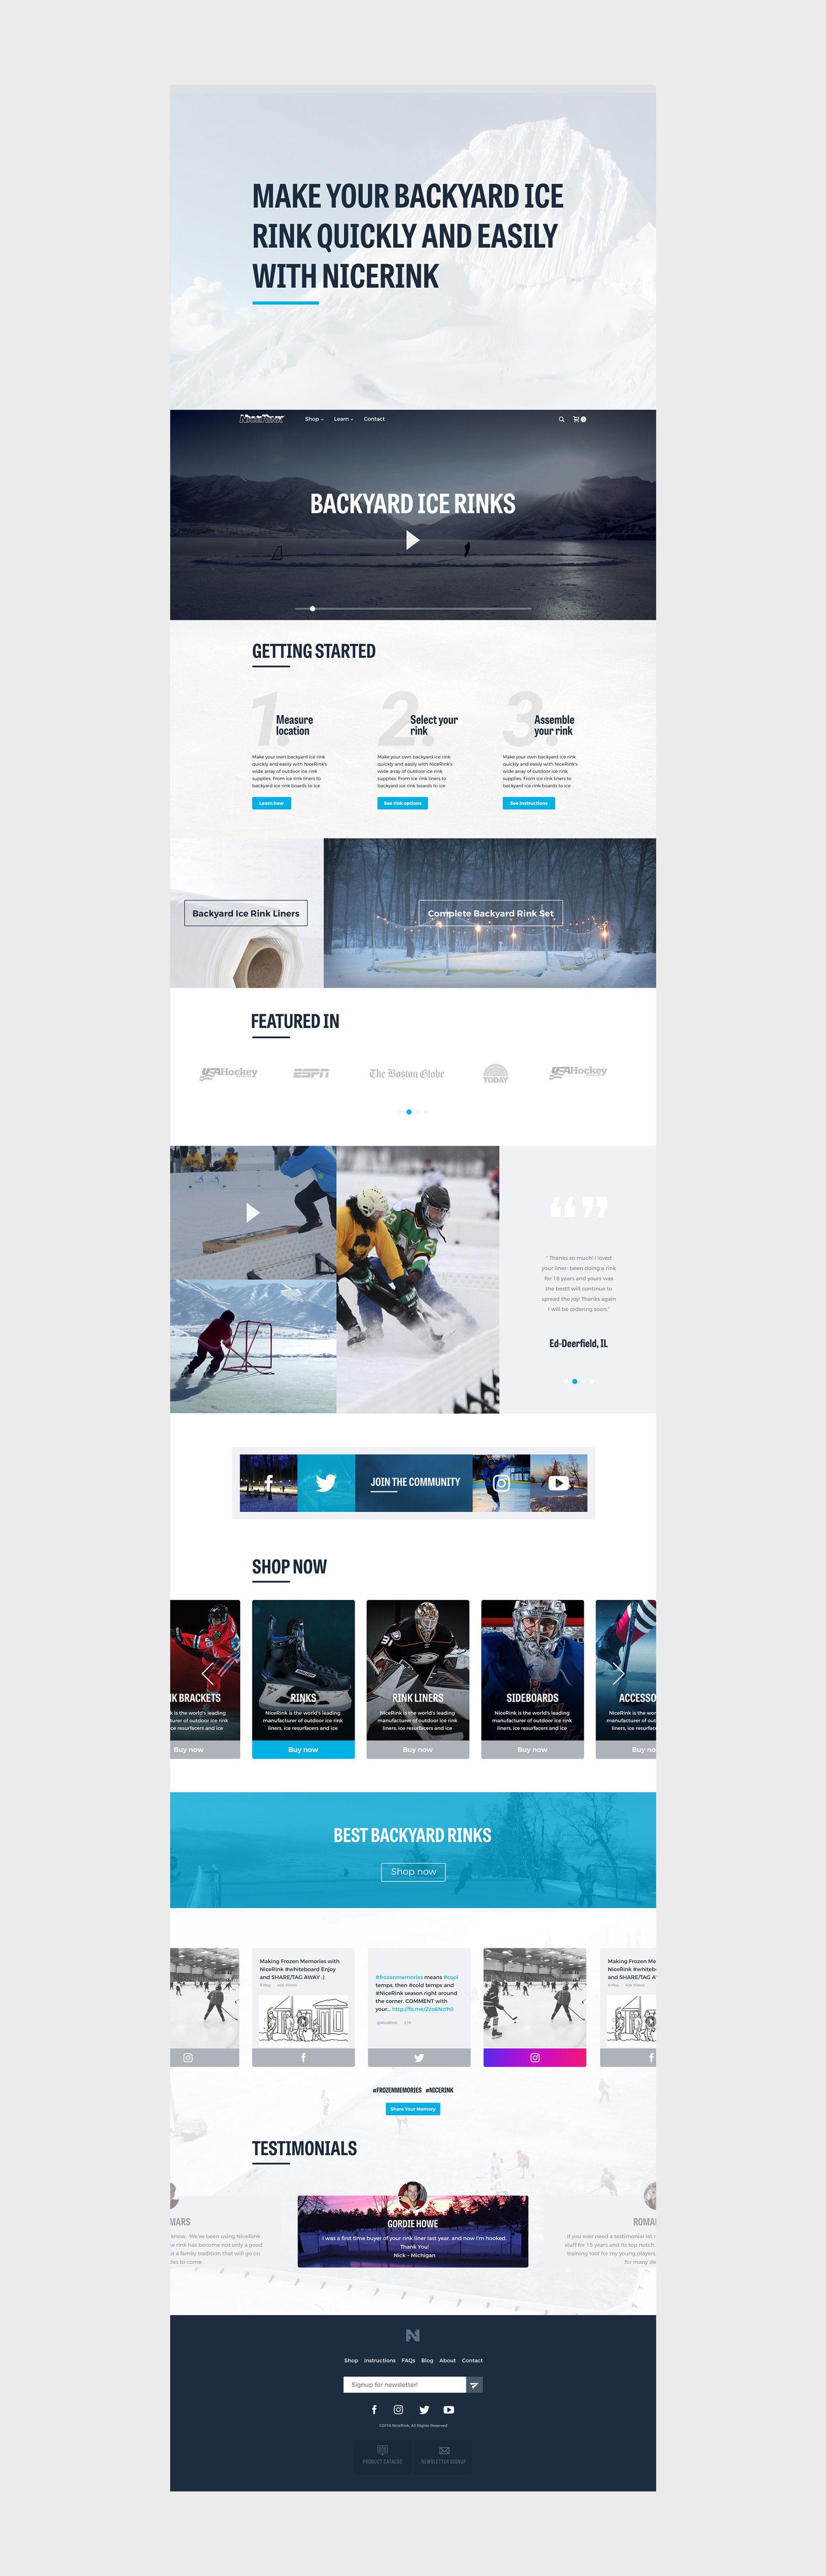 Web Design | NICERINK - Homepage (Desktop View)